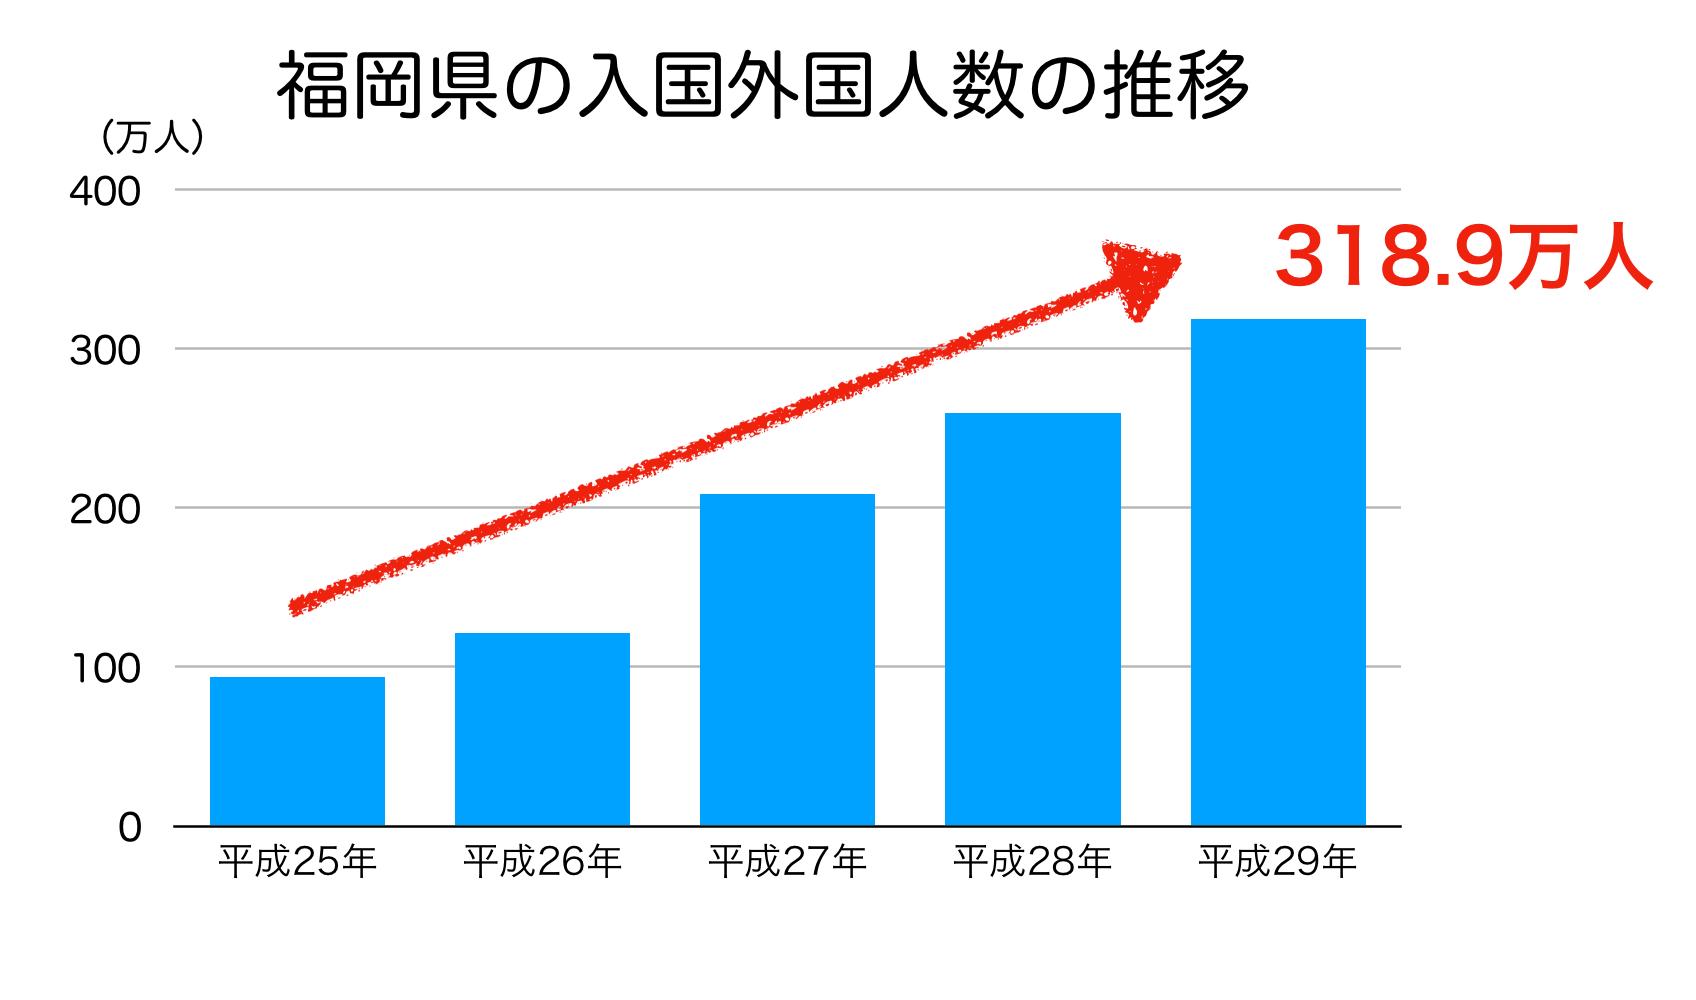 福岡県の外国人観光客数の推移